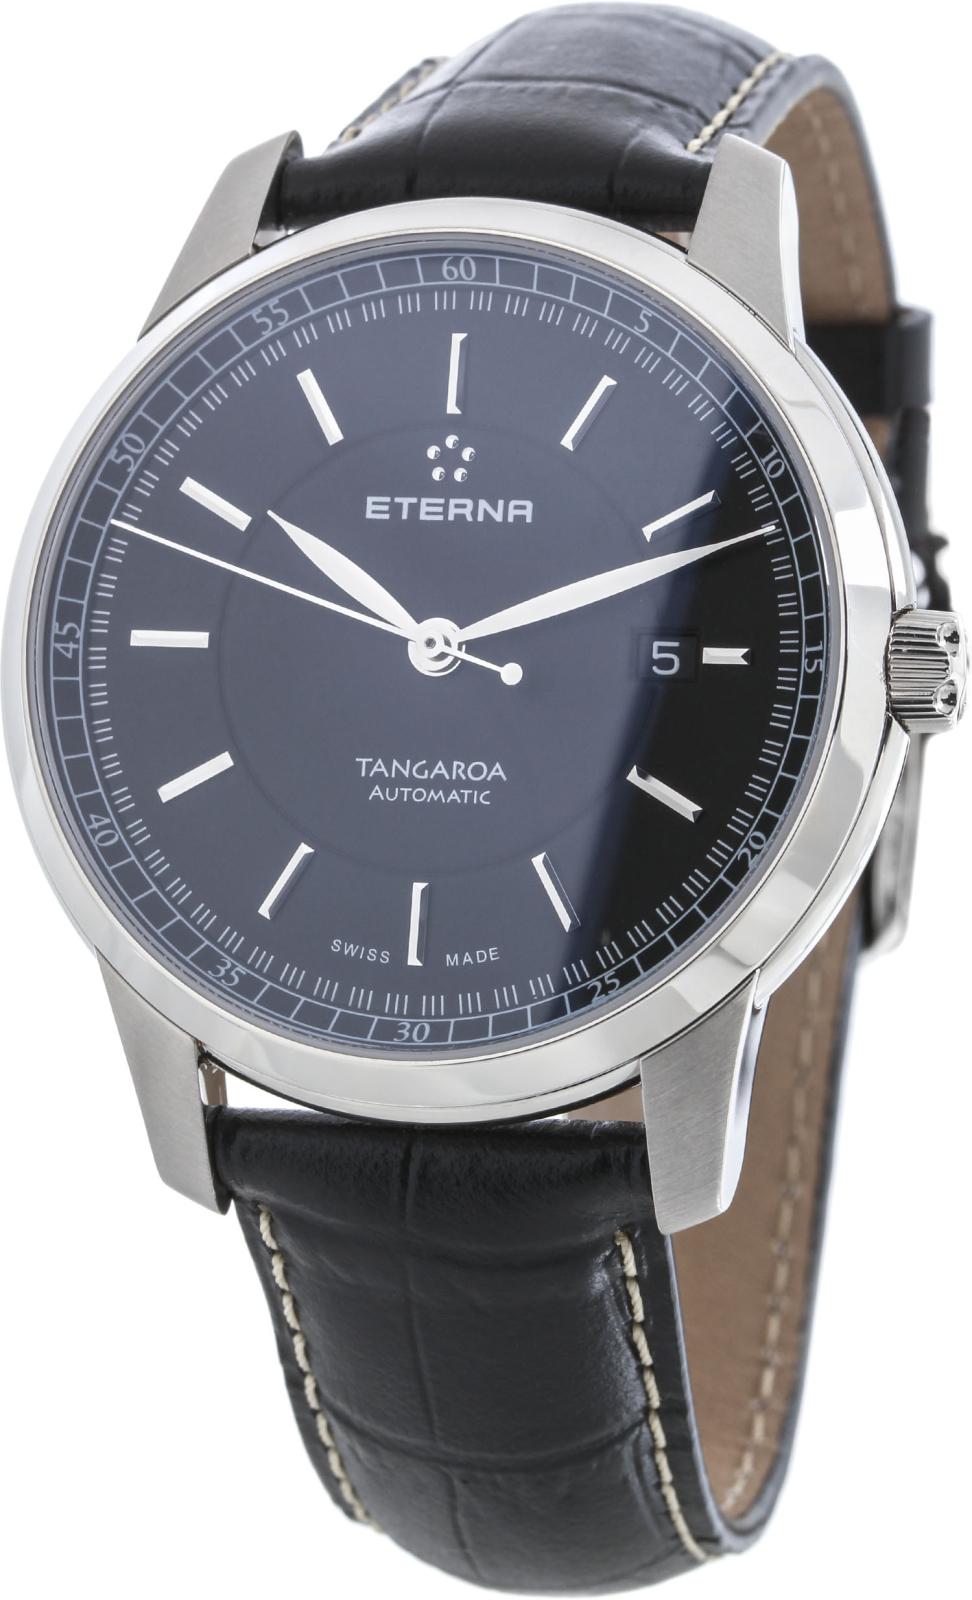 Eterna Tangaroa 2948.41.41.1261Наручные часы<br>Швейцарские часы Eterna Tangaroa 2948.41.41.1261Данная модель входит в коллекцию Tangaroa. Это настоящие мужские часы. Материал корпуса часов &amp;mdash; сталь. В этой модели стоит сапфировое стекло. Часы этой модели обладают водозащитой 50 м.<br><br>Пол: Мужские<br>Страна-производитель: Швейцария<br>Механизм: Механический<br>Материал корпуса: Сталь<br>Материал ремня/браслета: Кожа<br>Водозащита, диапазон: 20 - 100 м<br>Стекло: Сапфировое<br>Толщина корпуса: None<br>Стиль: None